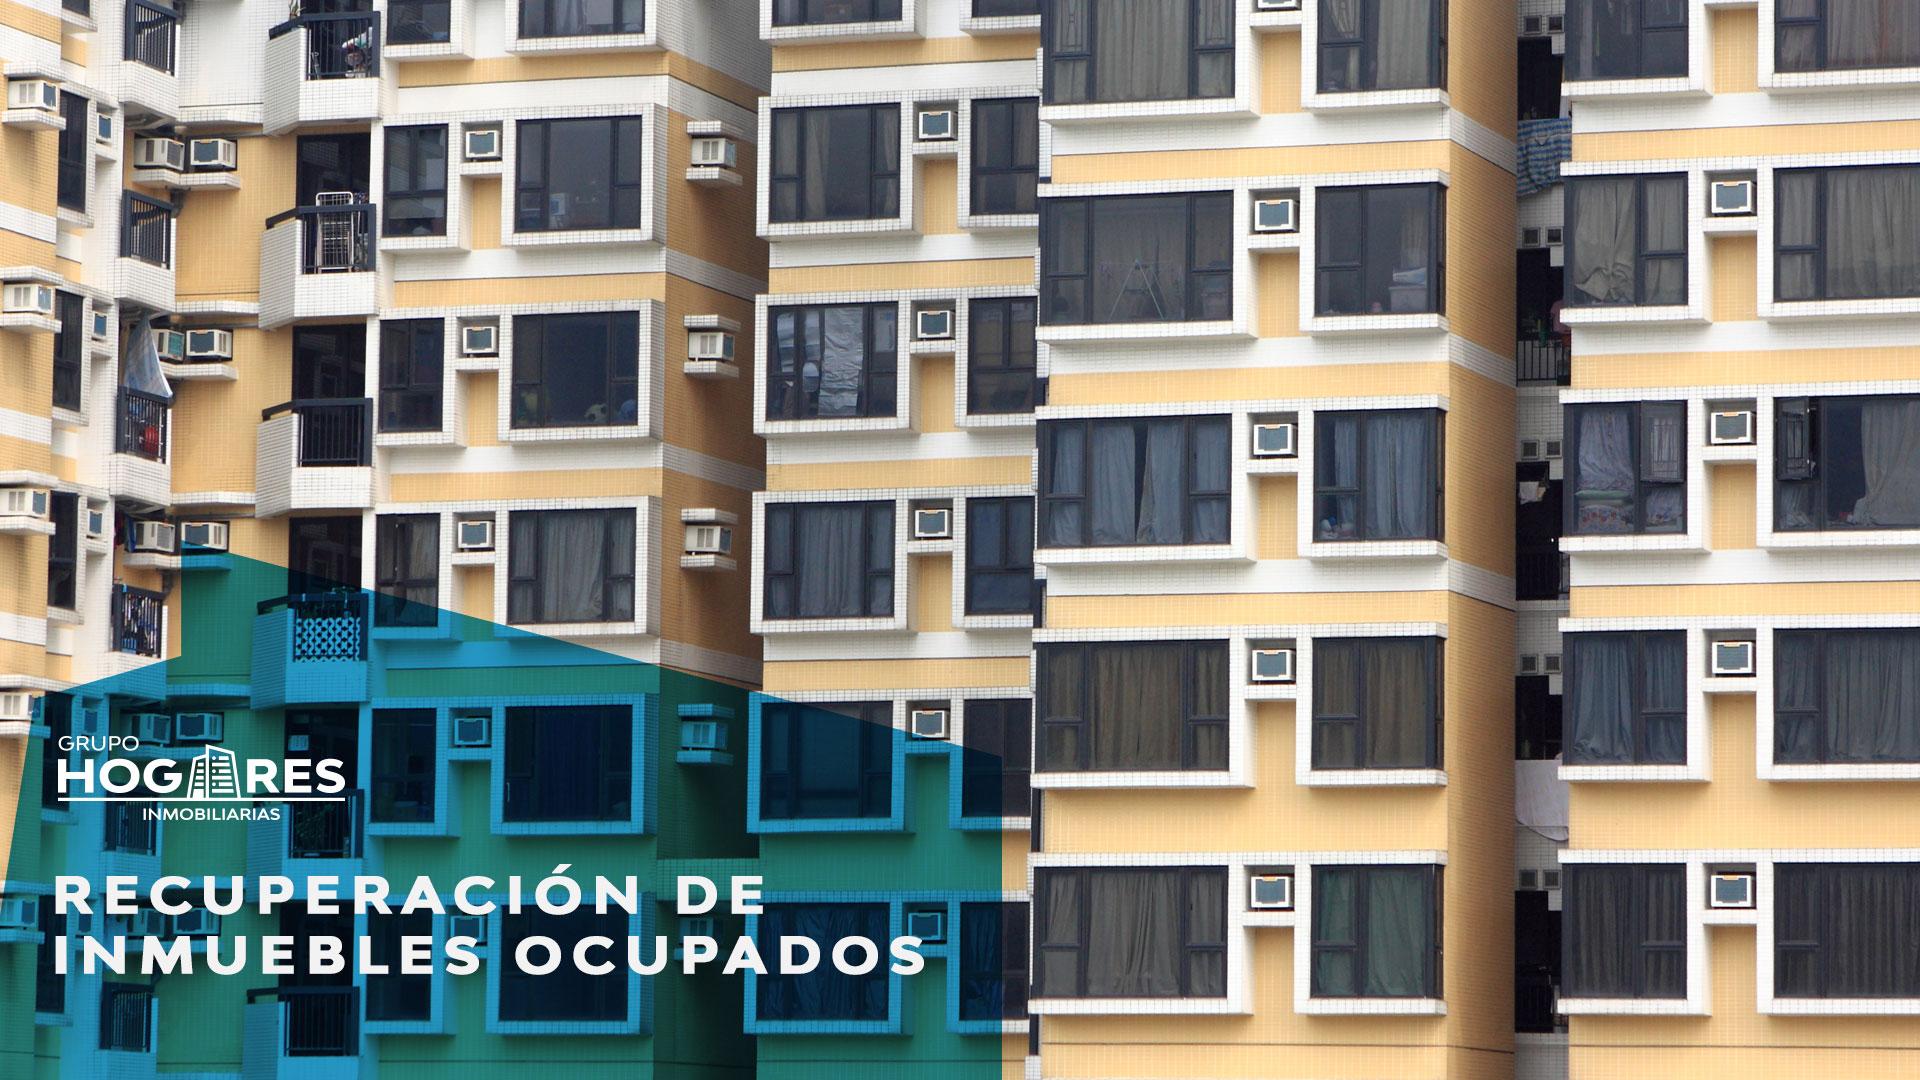 Recuperación de inmuebles ocupados en Valencia